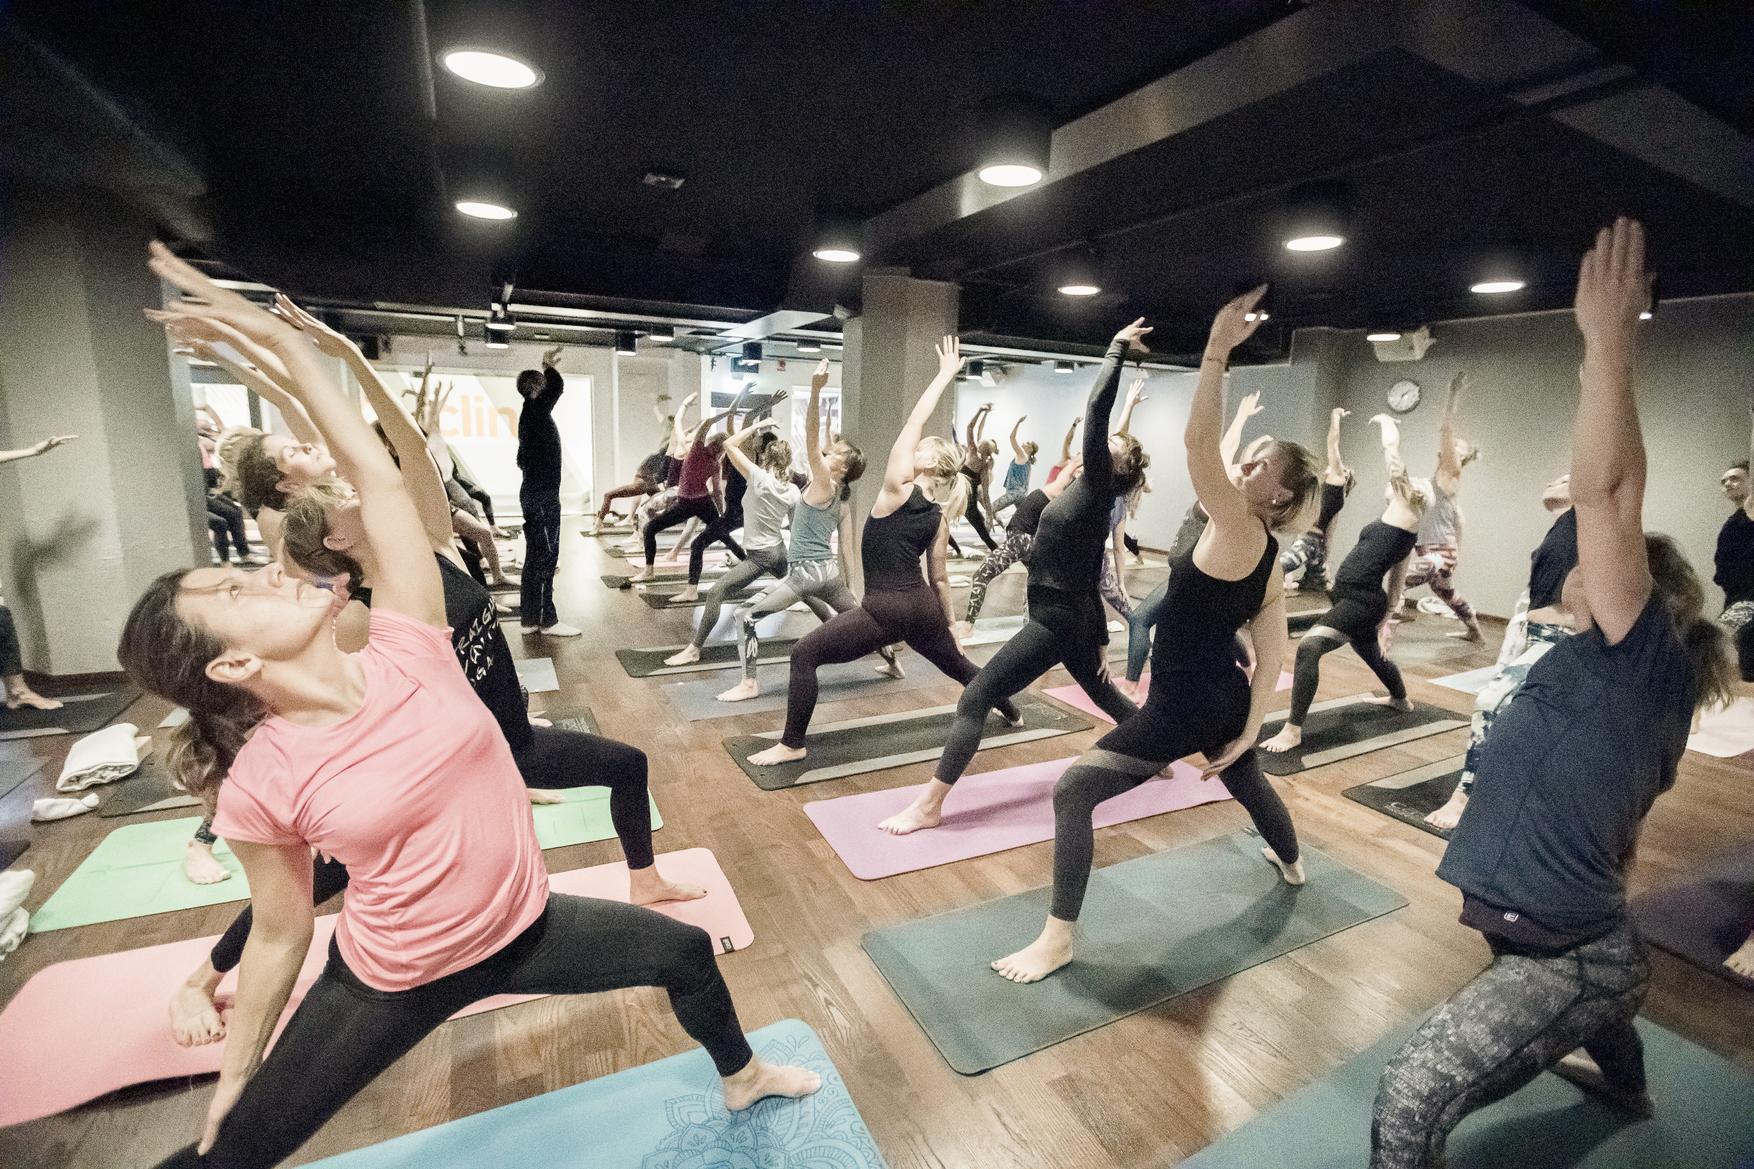 Yoga of Hope arrangerades över hela Sverige och samlade in drygt 431 000 kronor. Foto: Magnus Glans